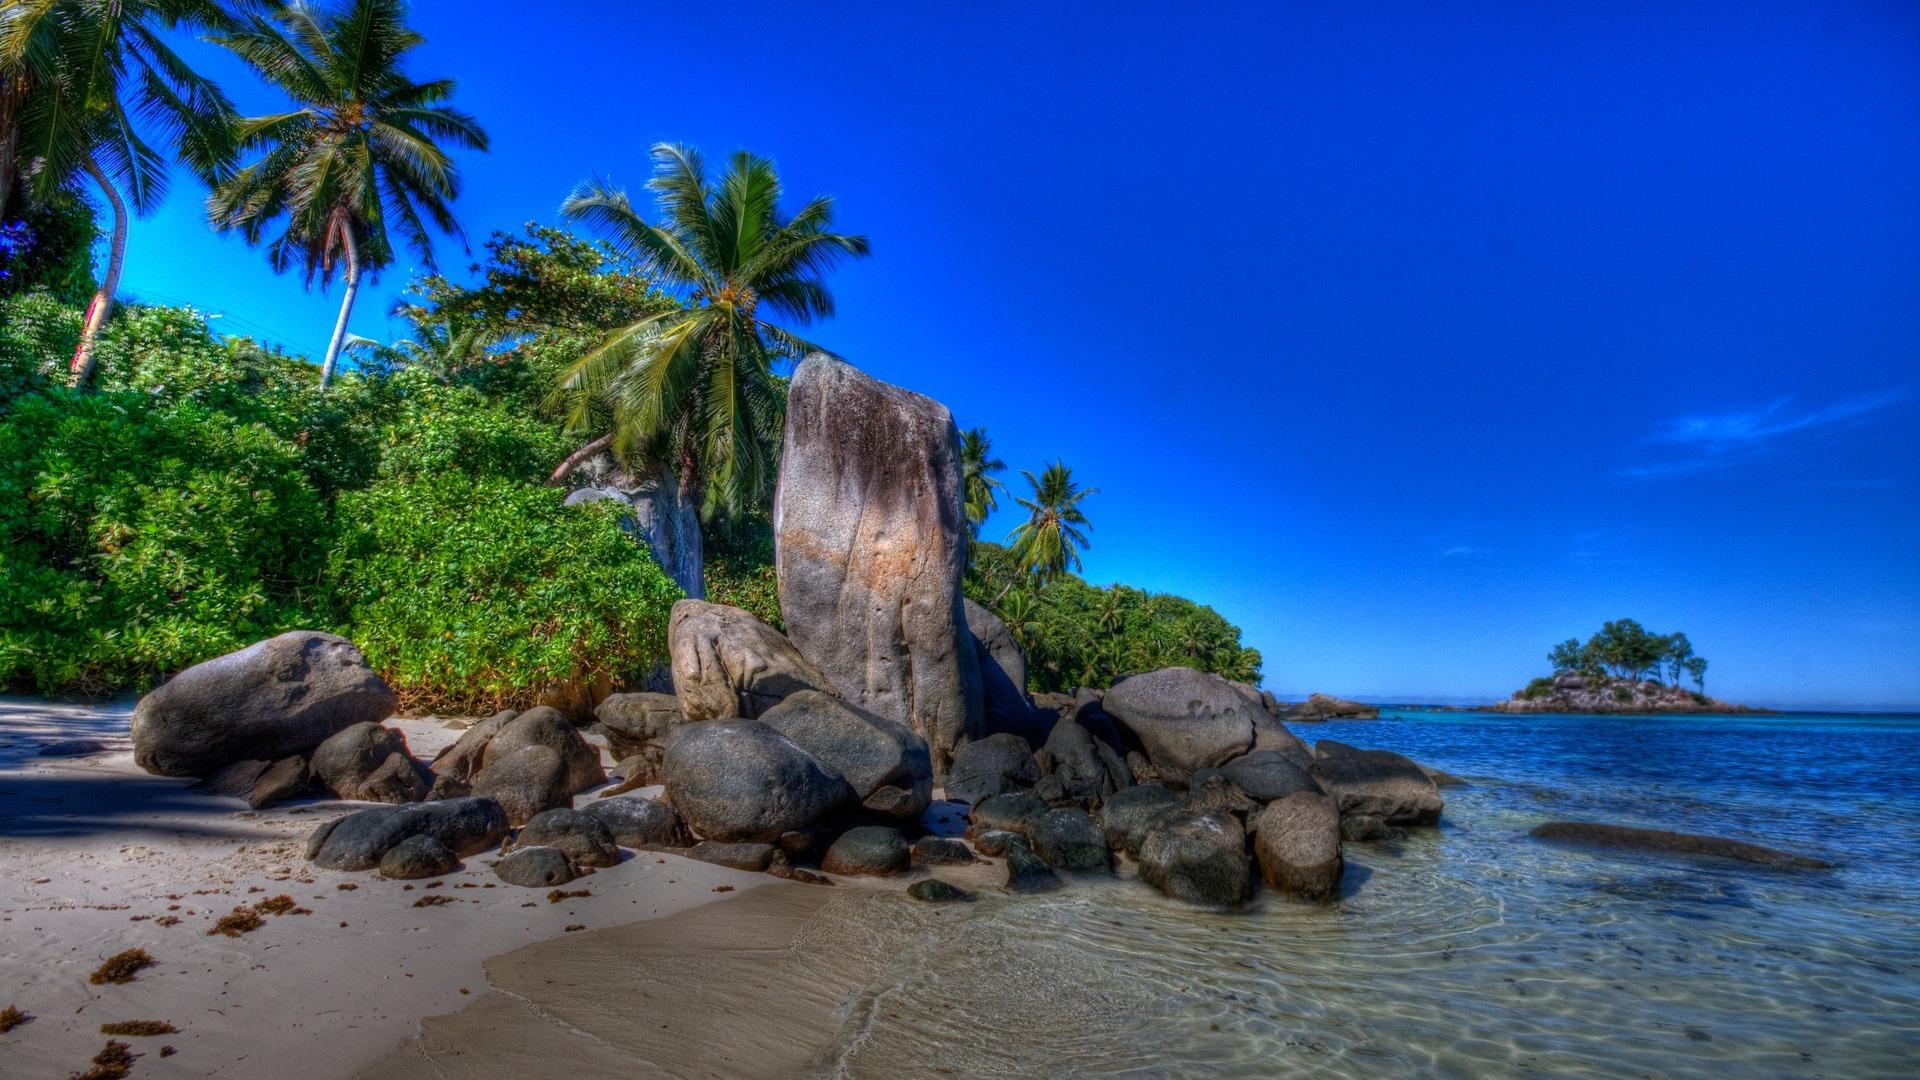 природа море остров деревья без смс